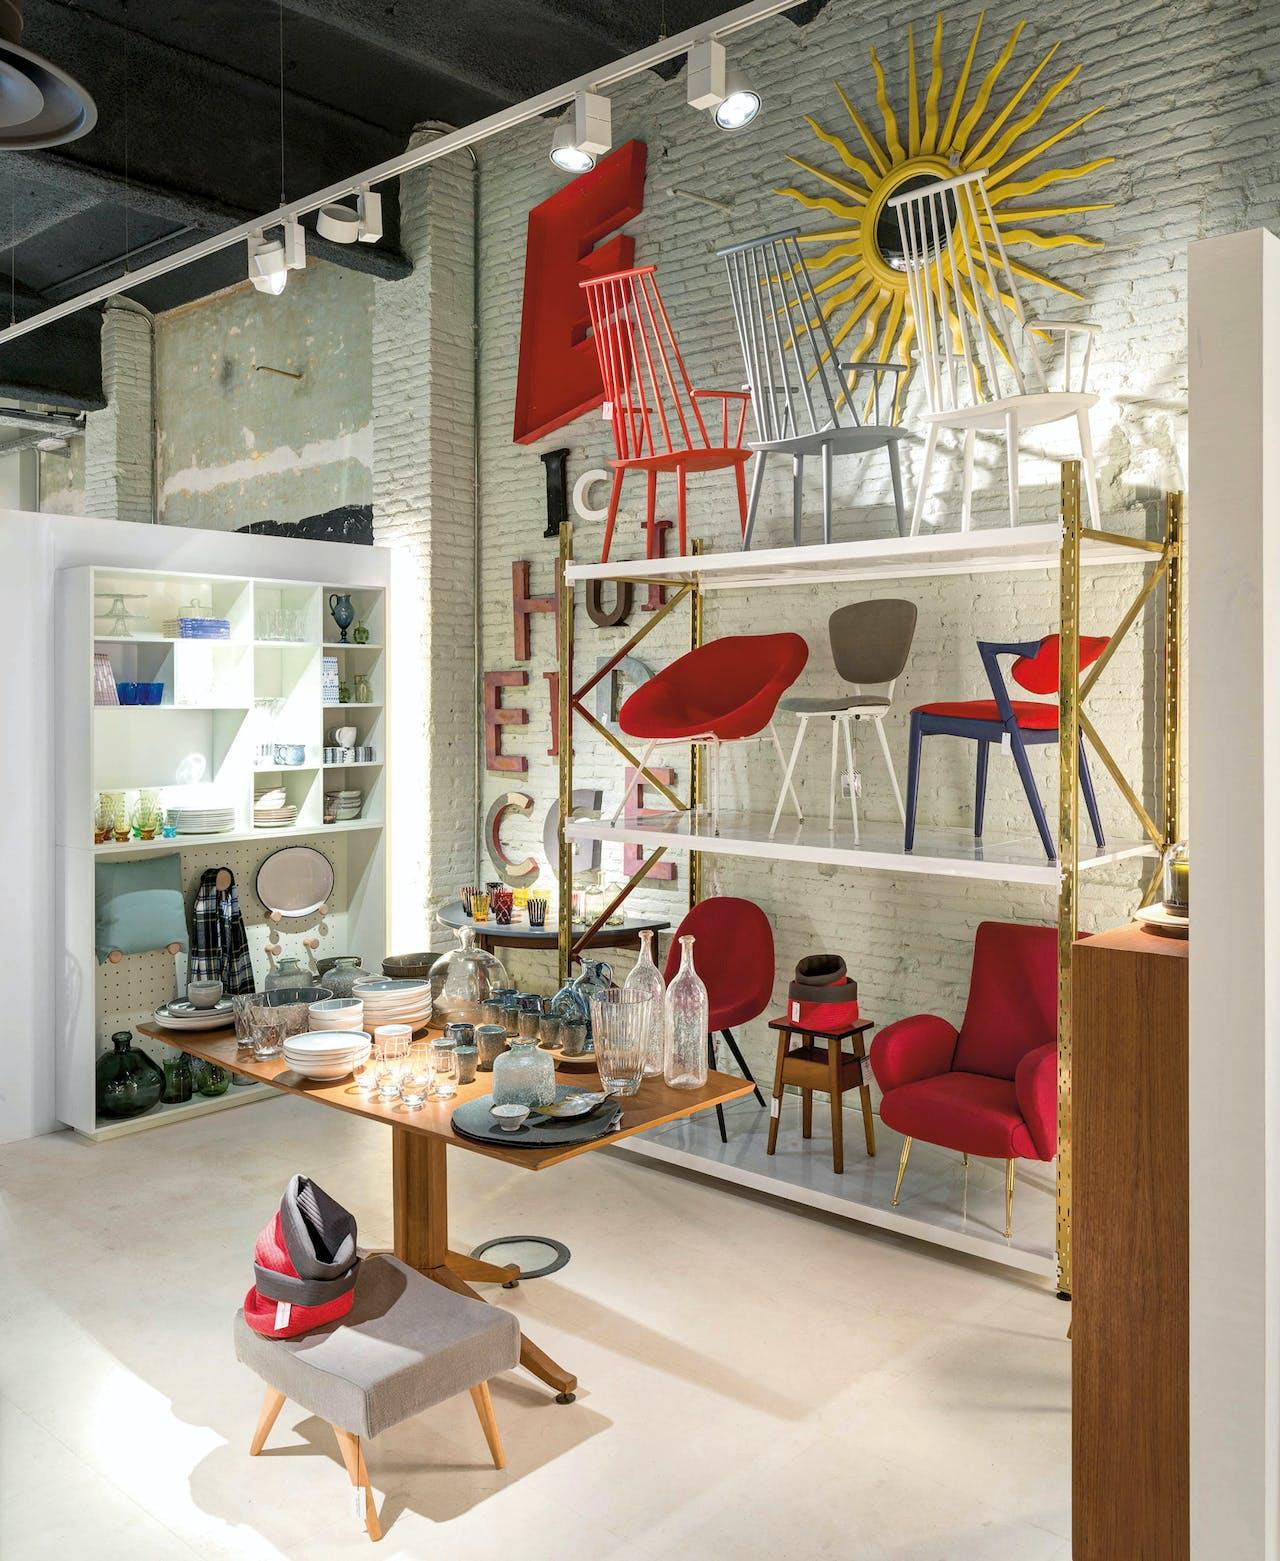 Naast meubels uit de jaren zestig en zeventig verkoopt Jaime Beriestain artikelen uit zijn eigen collectie.